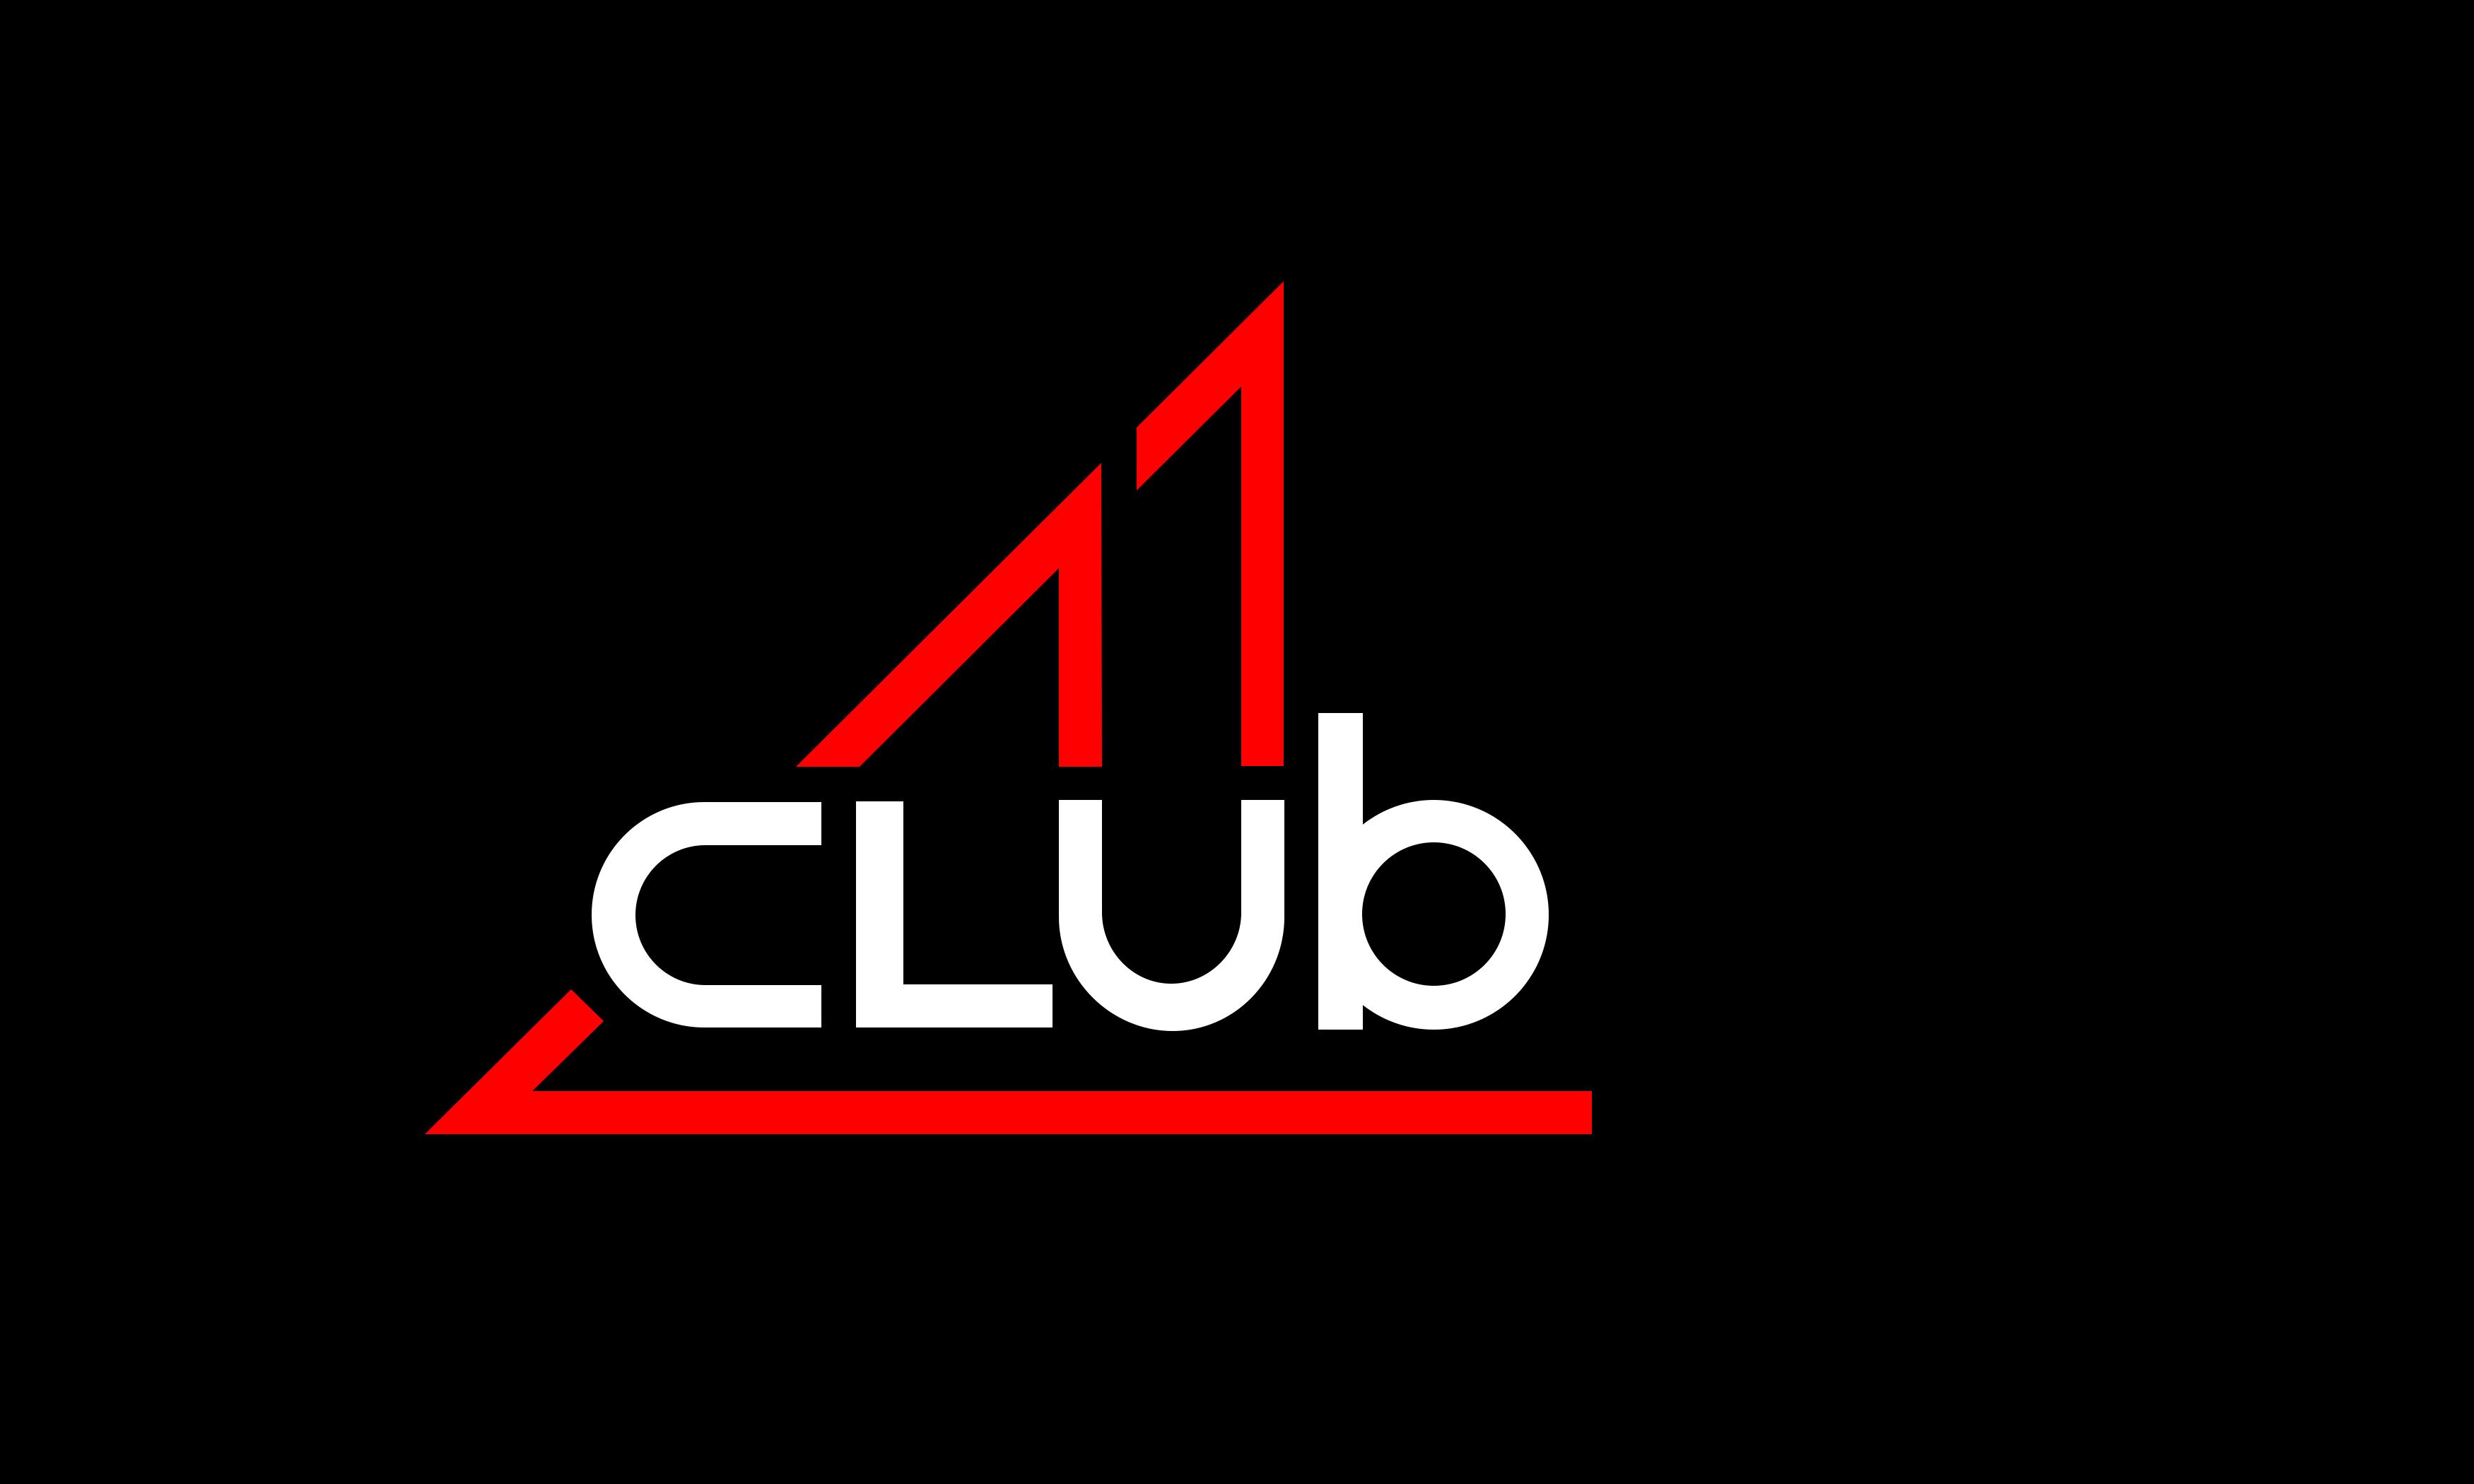 Логотип делового клуба фото f_1005f88263699387.jpg